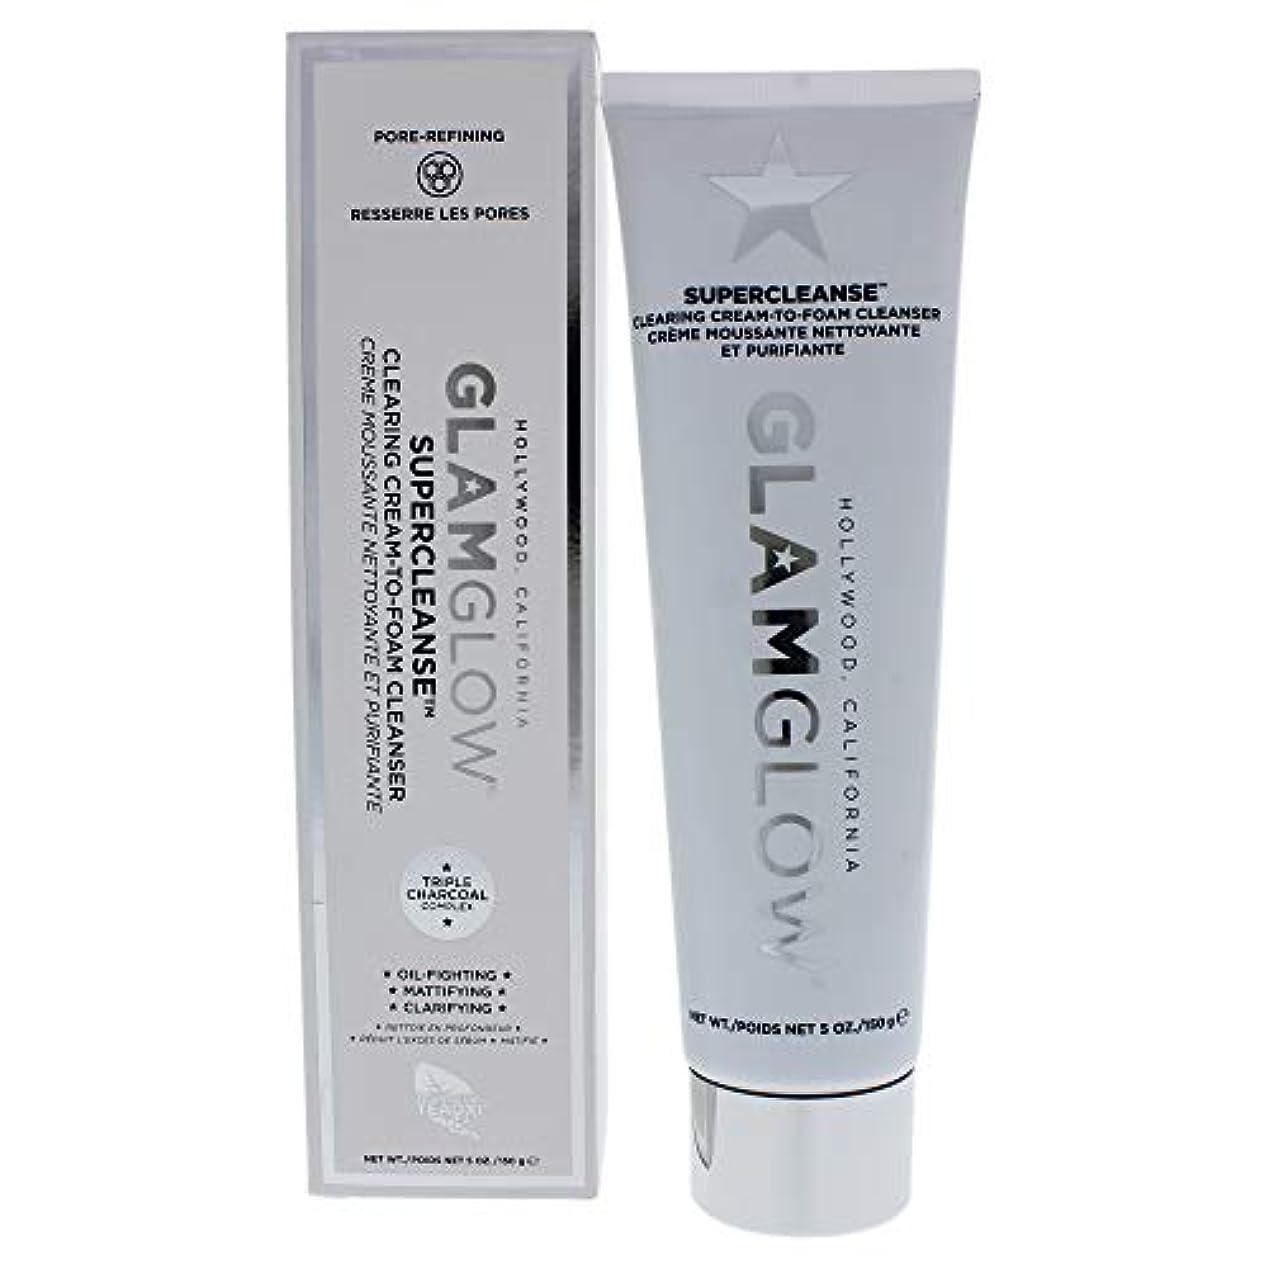 古くなったリフト有毒グラムグロー Supercleanse Clearing Cream-To-Foam Cleanser 150g/5oz並行輸入品